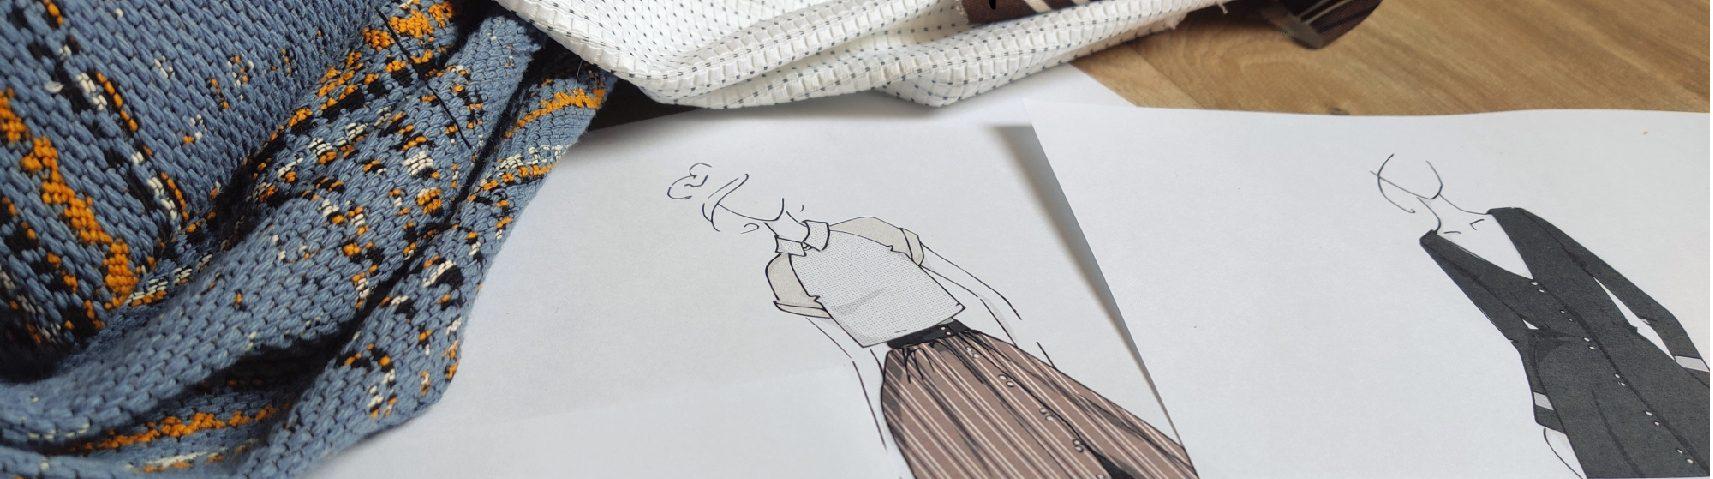 présentation de la marque Amande C: croquis et tissus de la collection